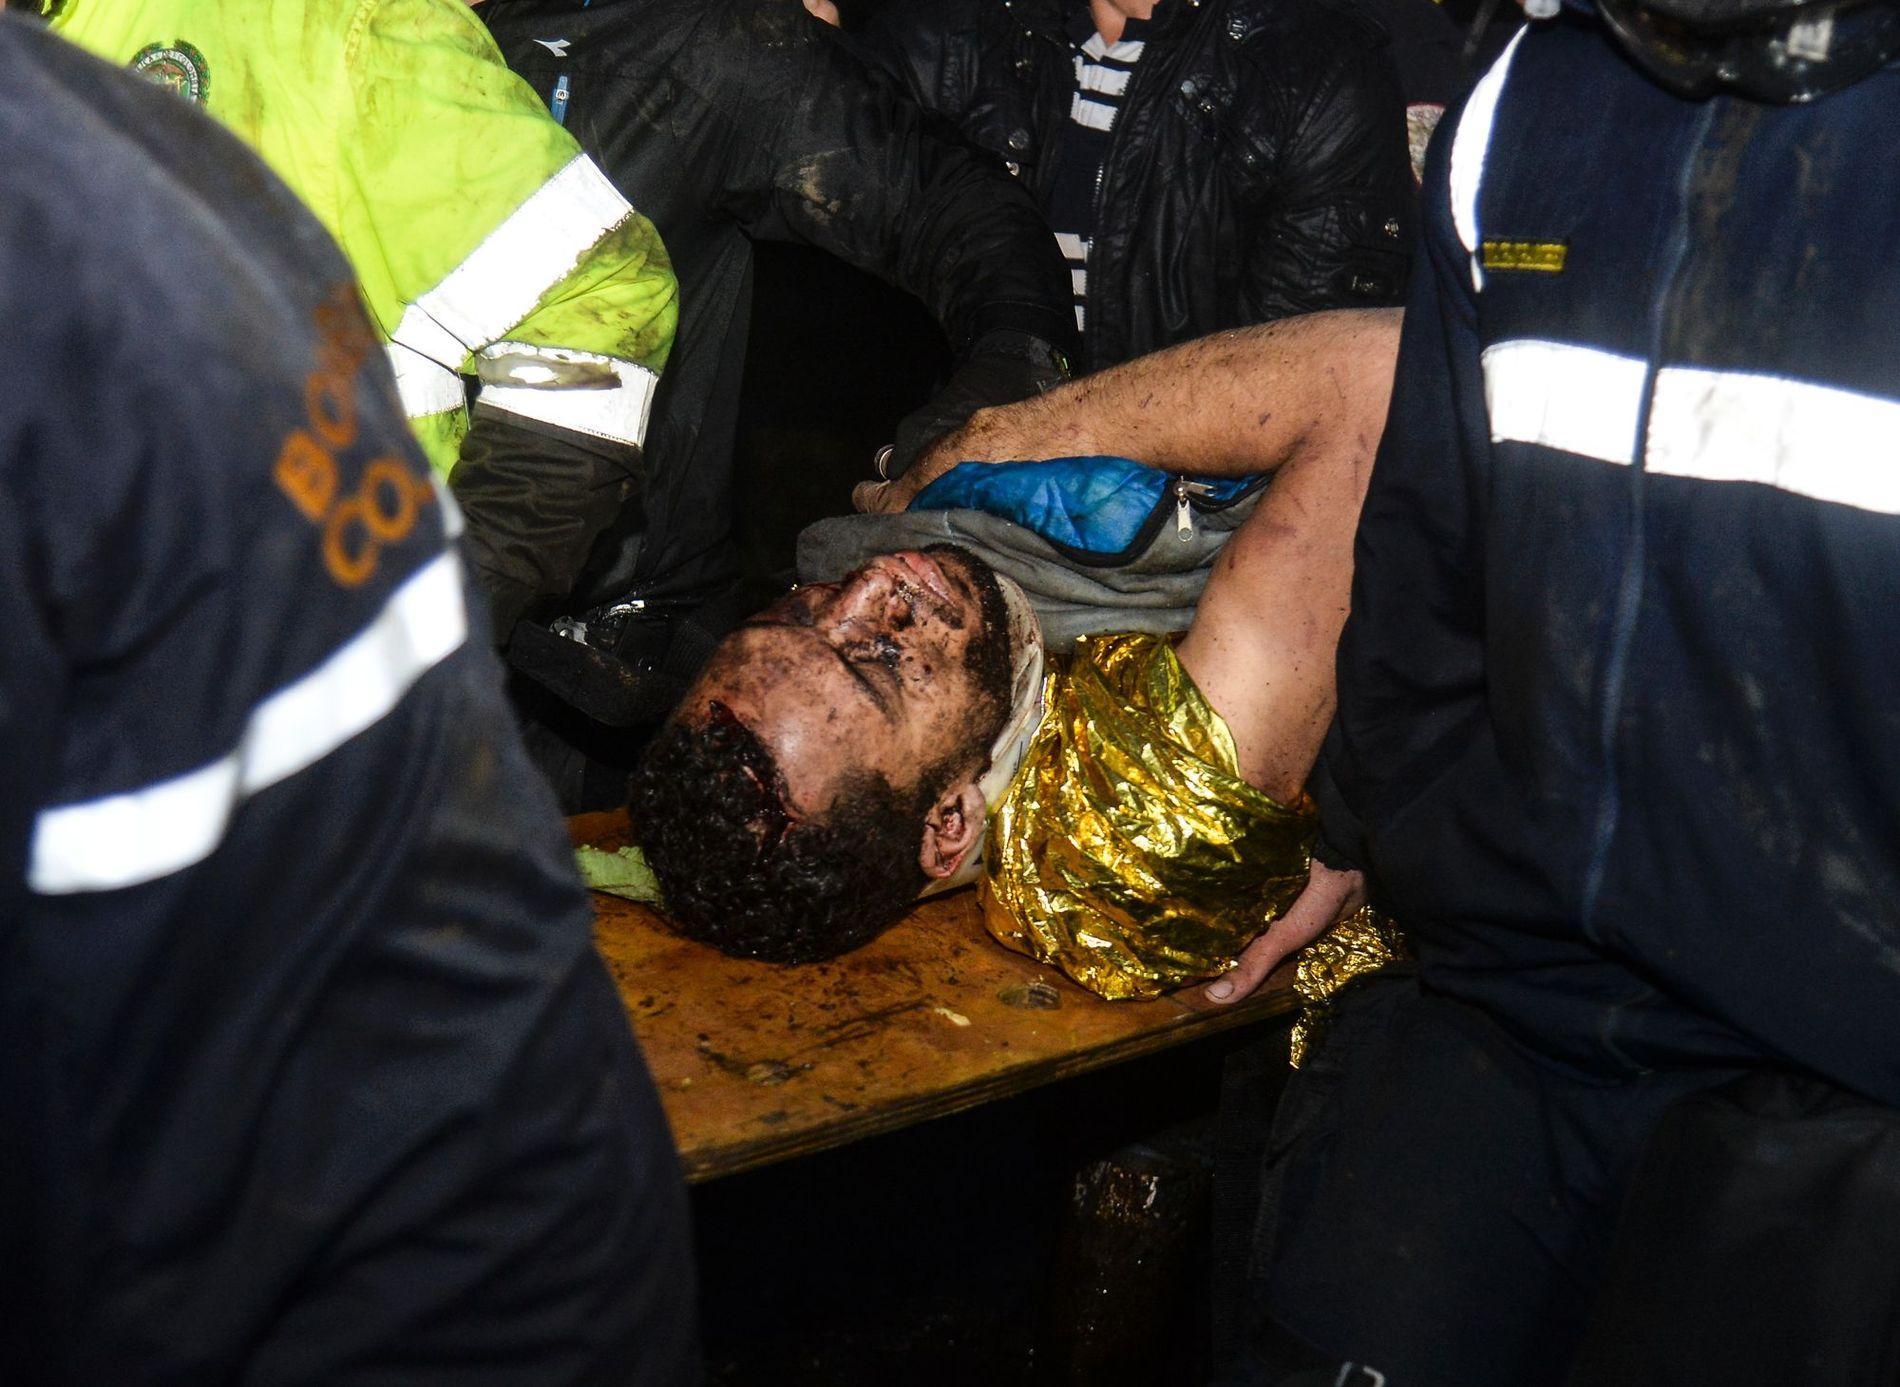 REDDET: Den brasilianske fotballspilleren Helio Zampier Neto blir hjulpet av ambulansepersonell etter å ha blitt reddet ut av flyvraket på tirsdag. 19 av hans lagkamerater skal ha omkommet i tragedien.